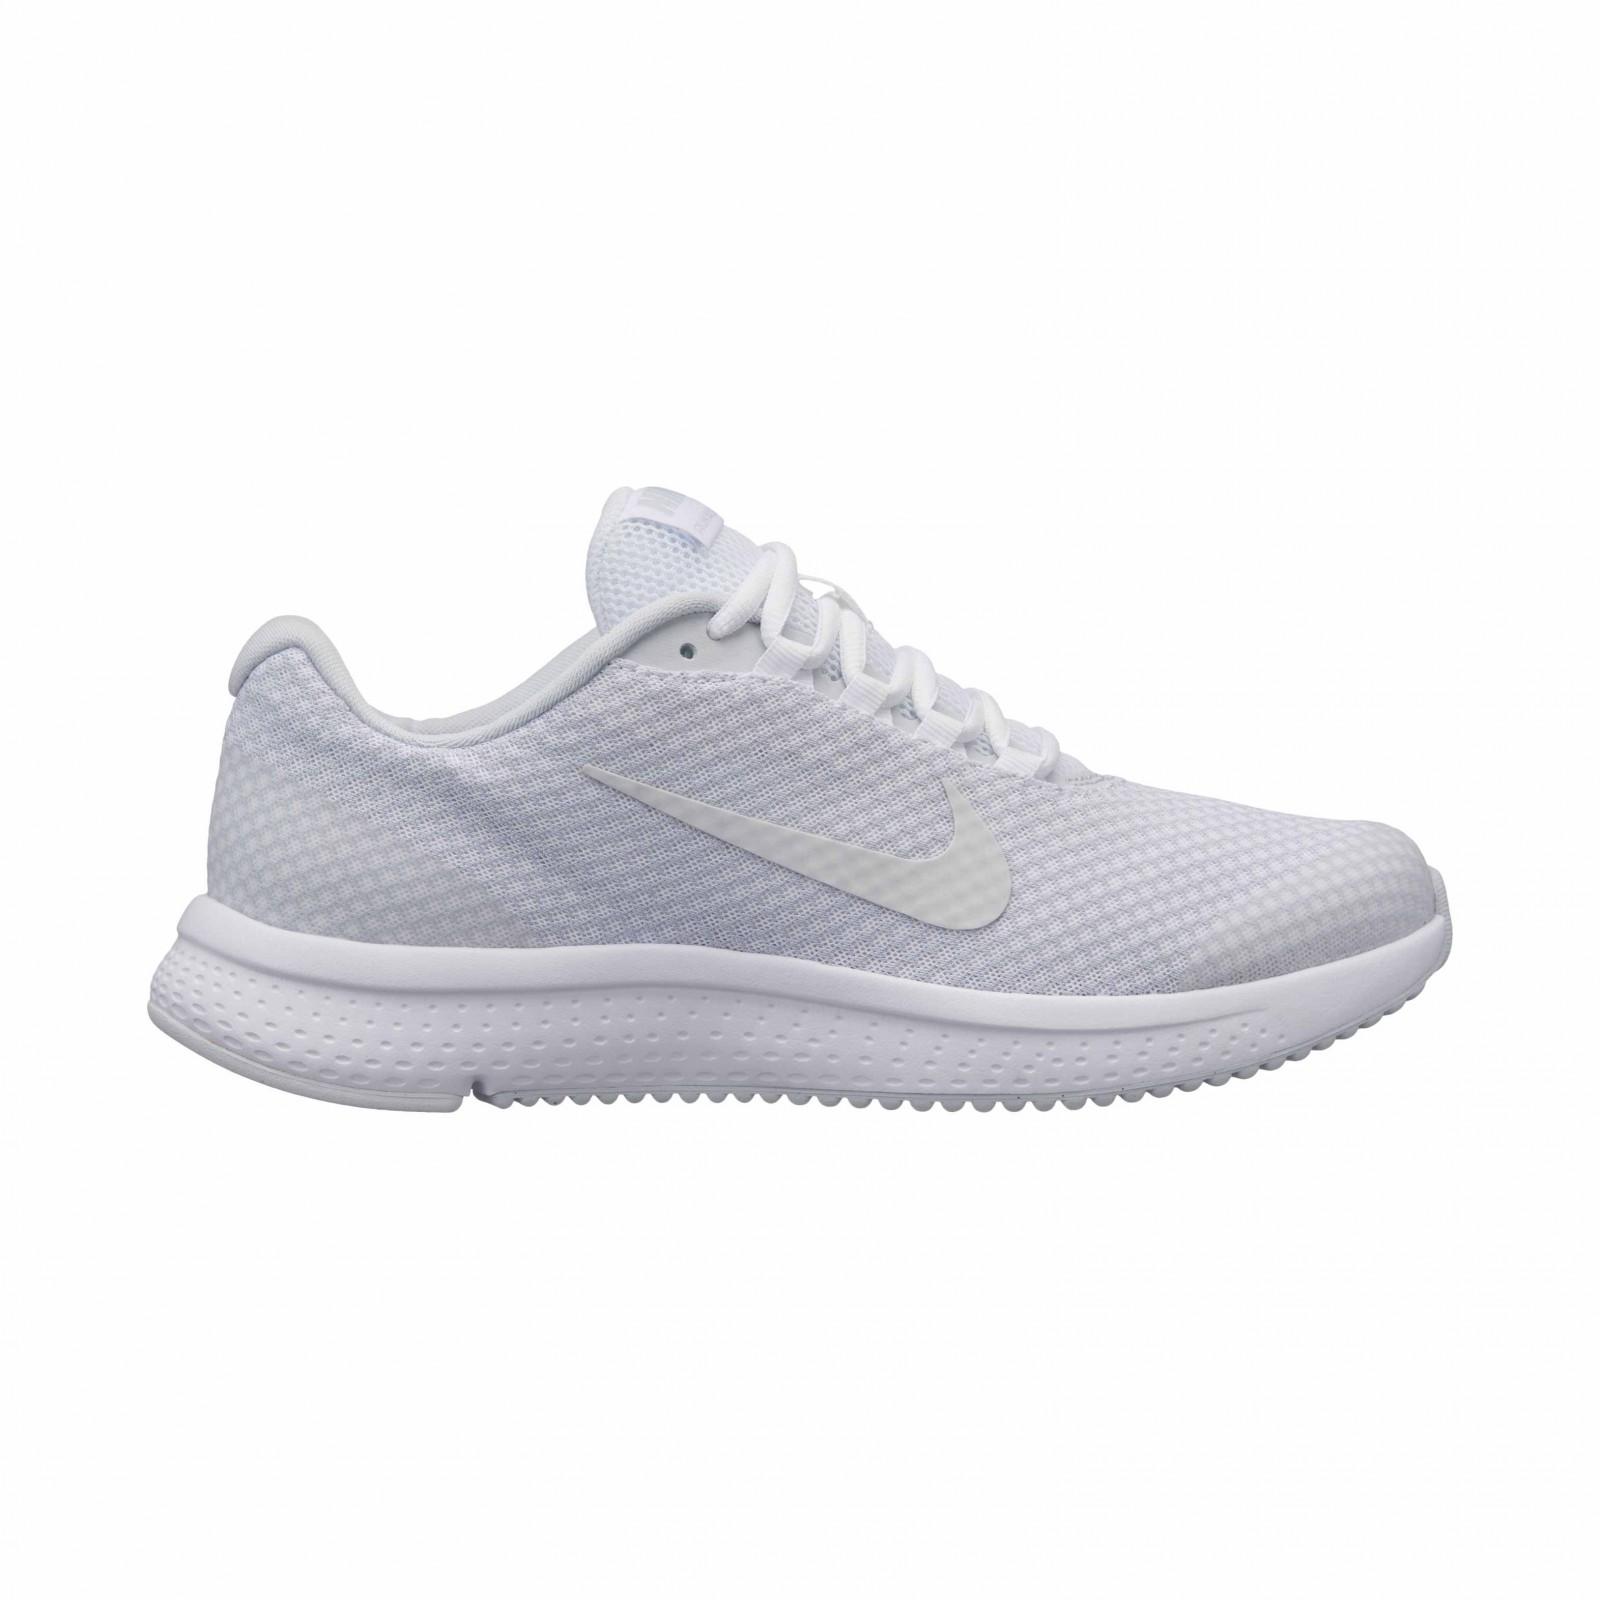 ea4675e1026 Dámské Běžecké boty Nike WMNS RUNALLDAY